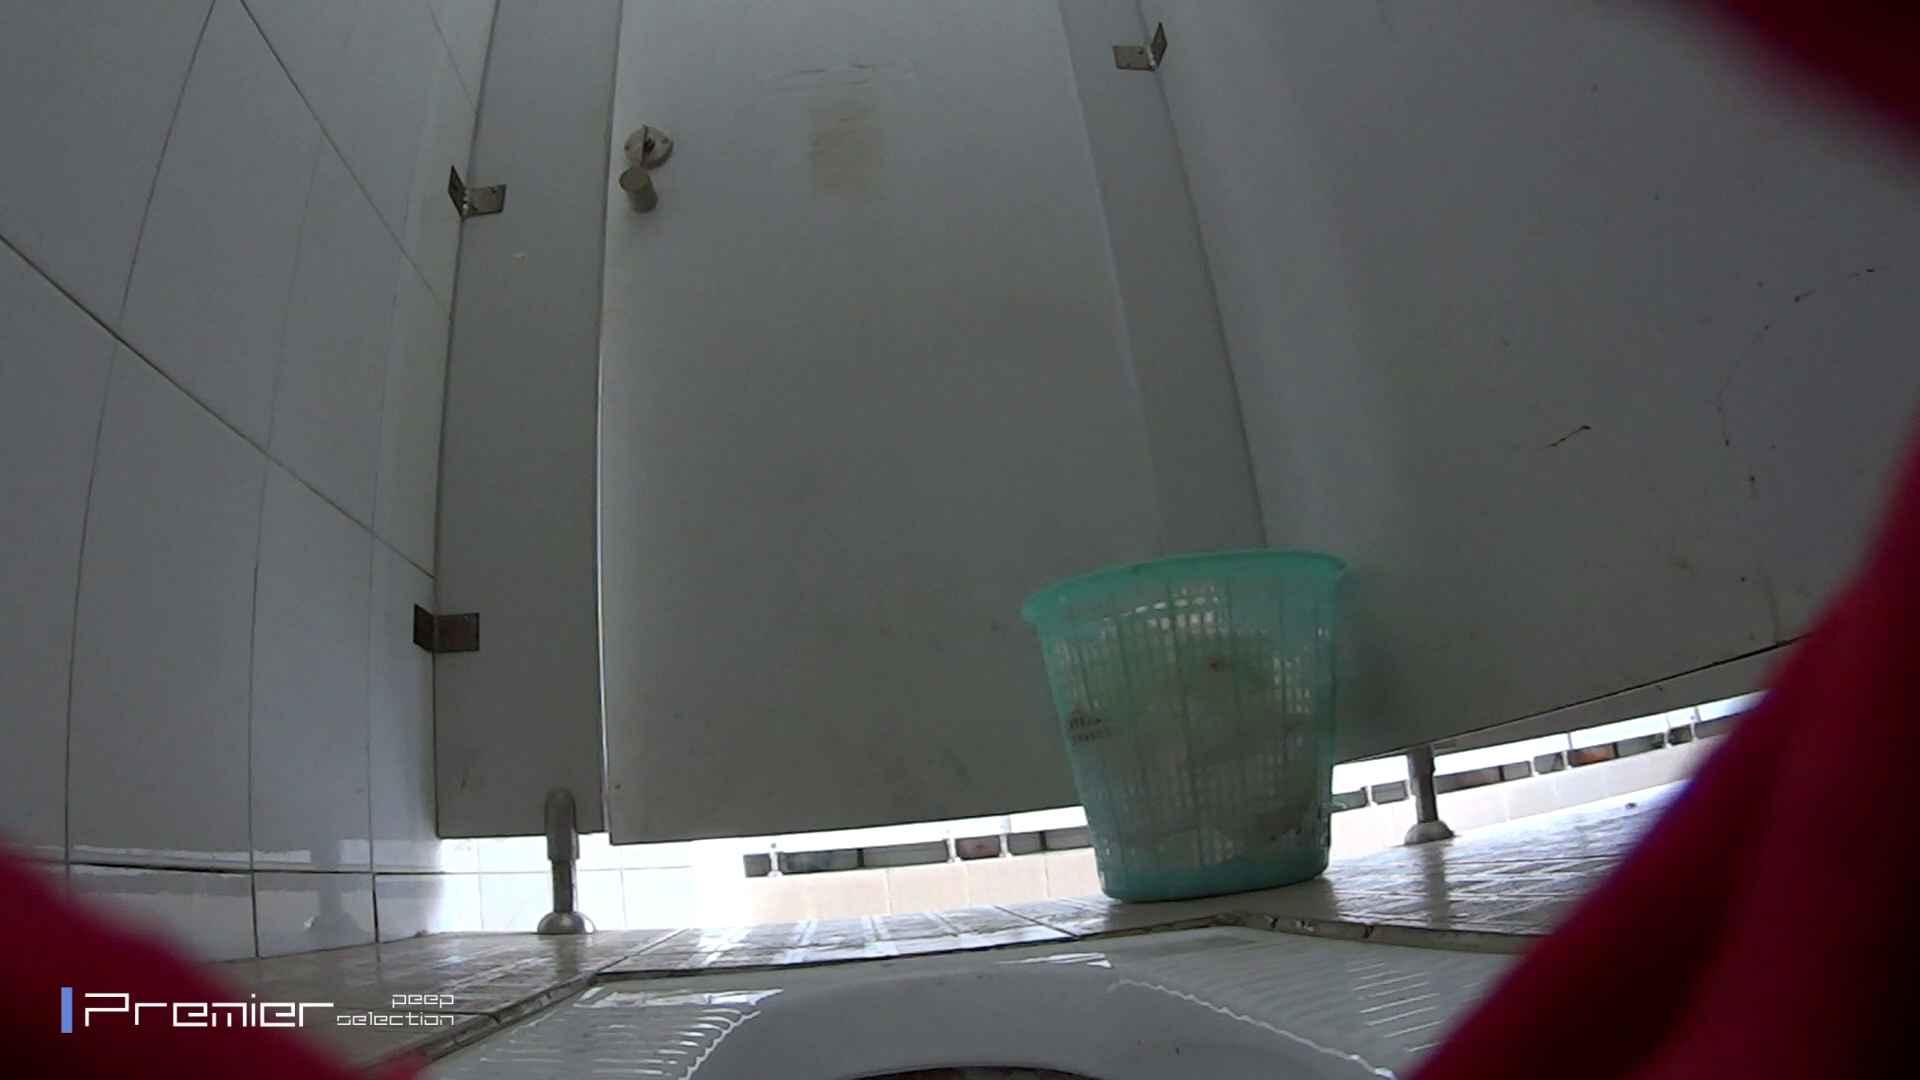 しゃがみながらお尻をクイっ!有名大学休憩時間の洗面所事情10 盗撮 オマンコ無修正動画無料 43pic 22